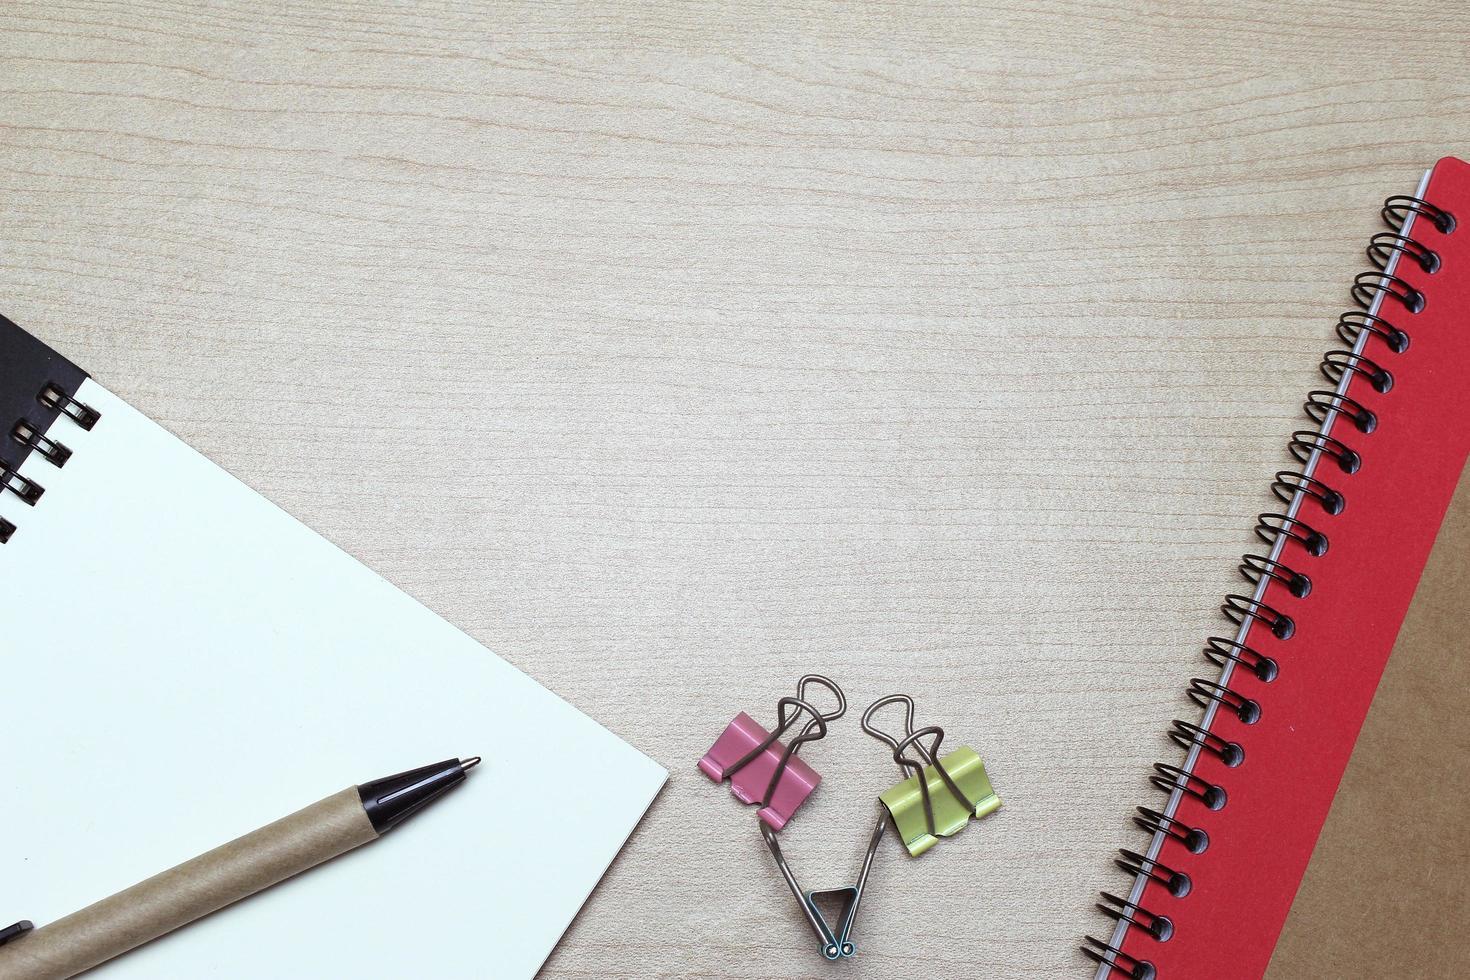 Schreibtisch mit Notizbuch und Clips foto